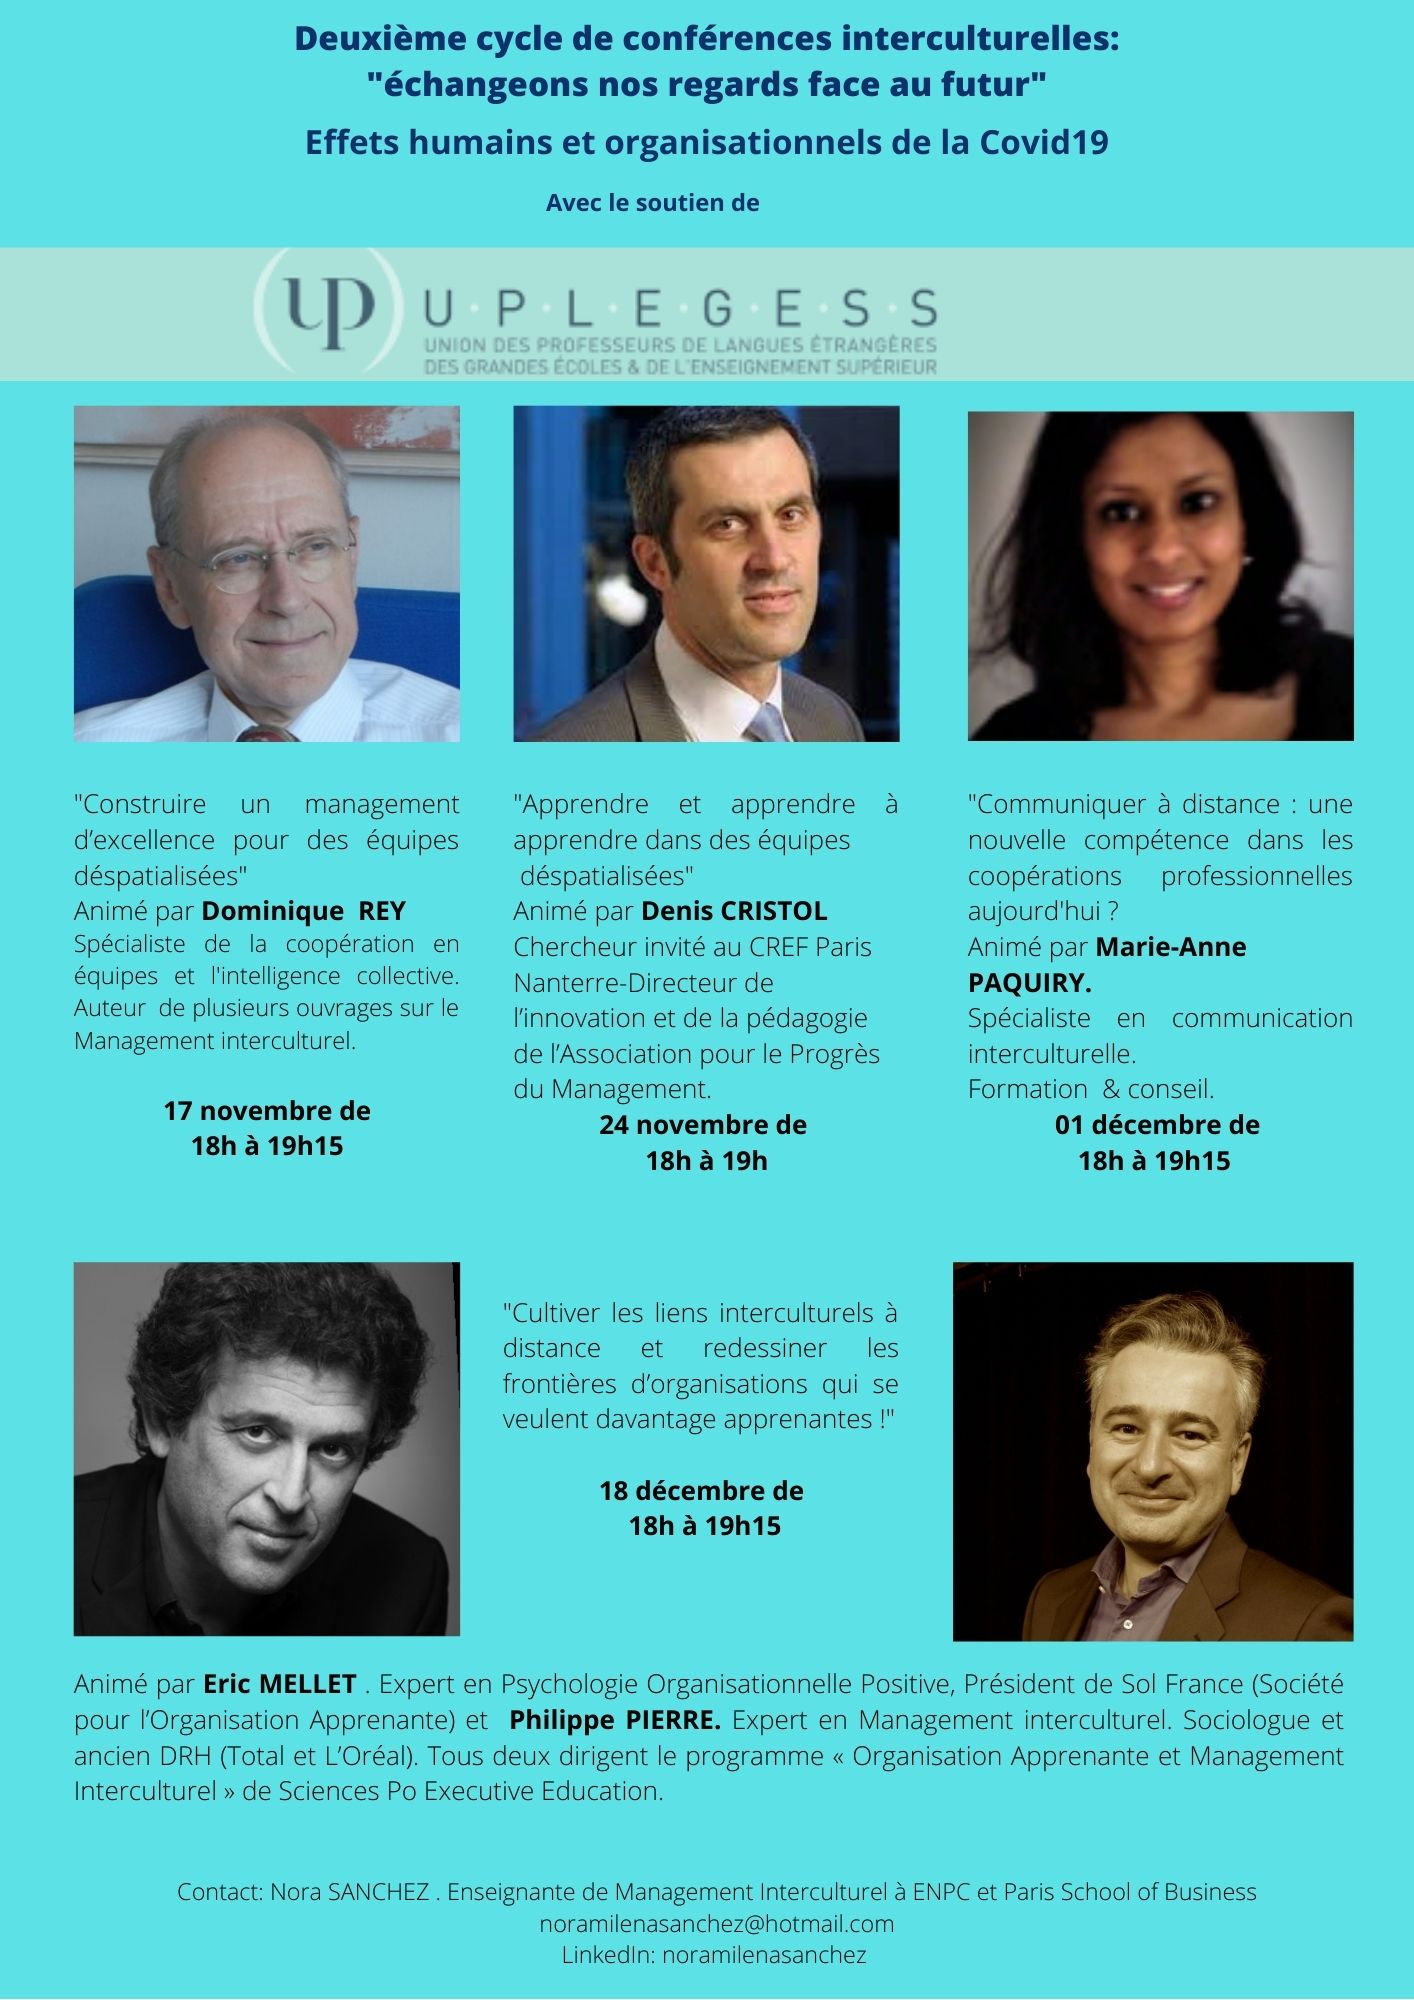 Deuxième cycle de conférences en management interculturel _ échangeons nos regards face au futur (3)